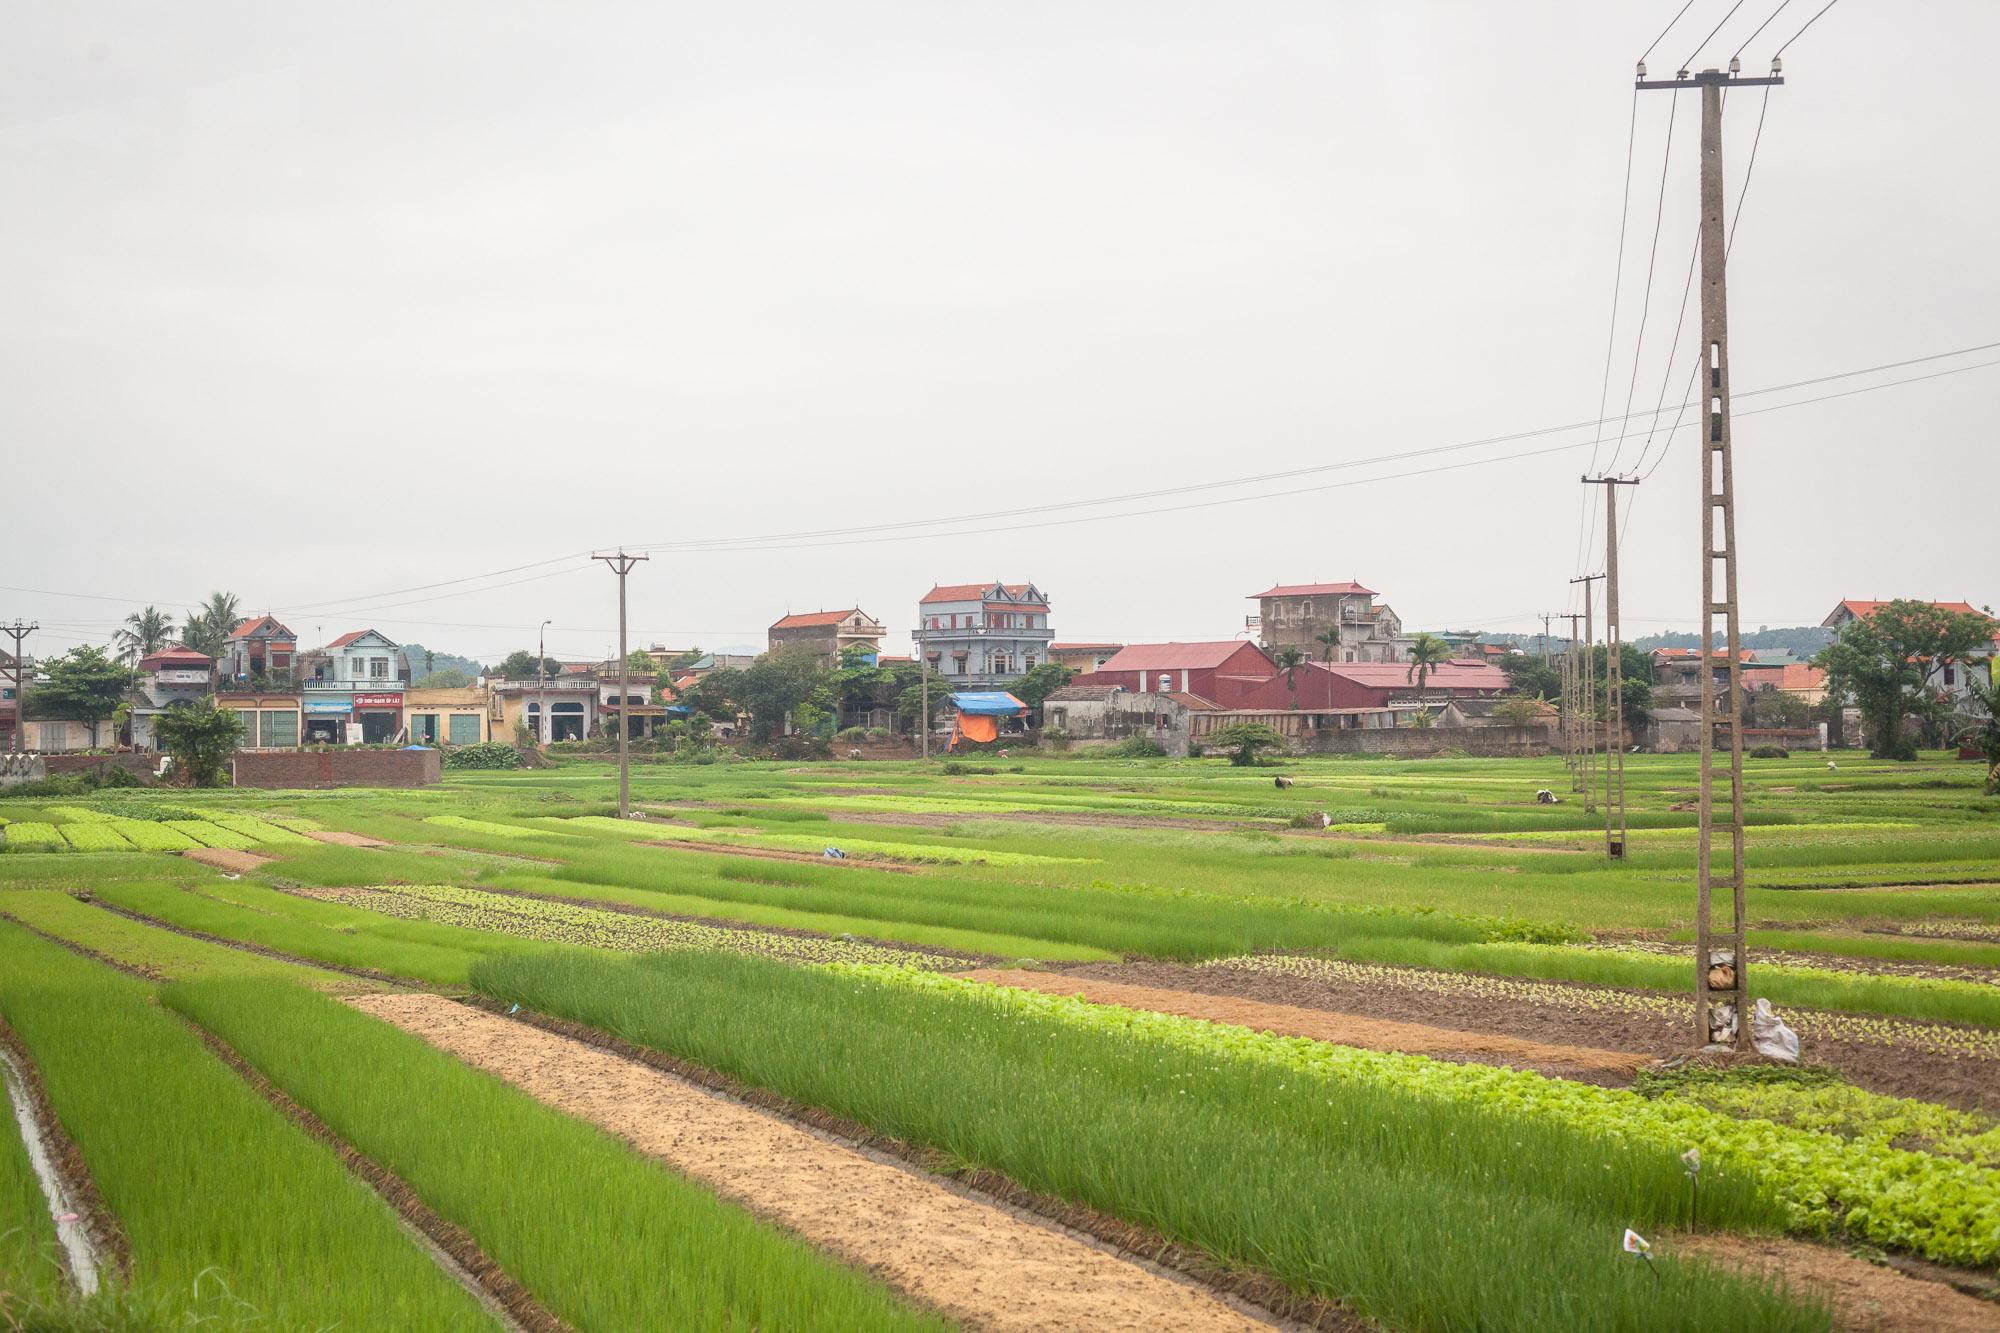 Wiegelmann-Vietnam-Hanoi-130410-12